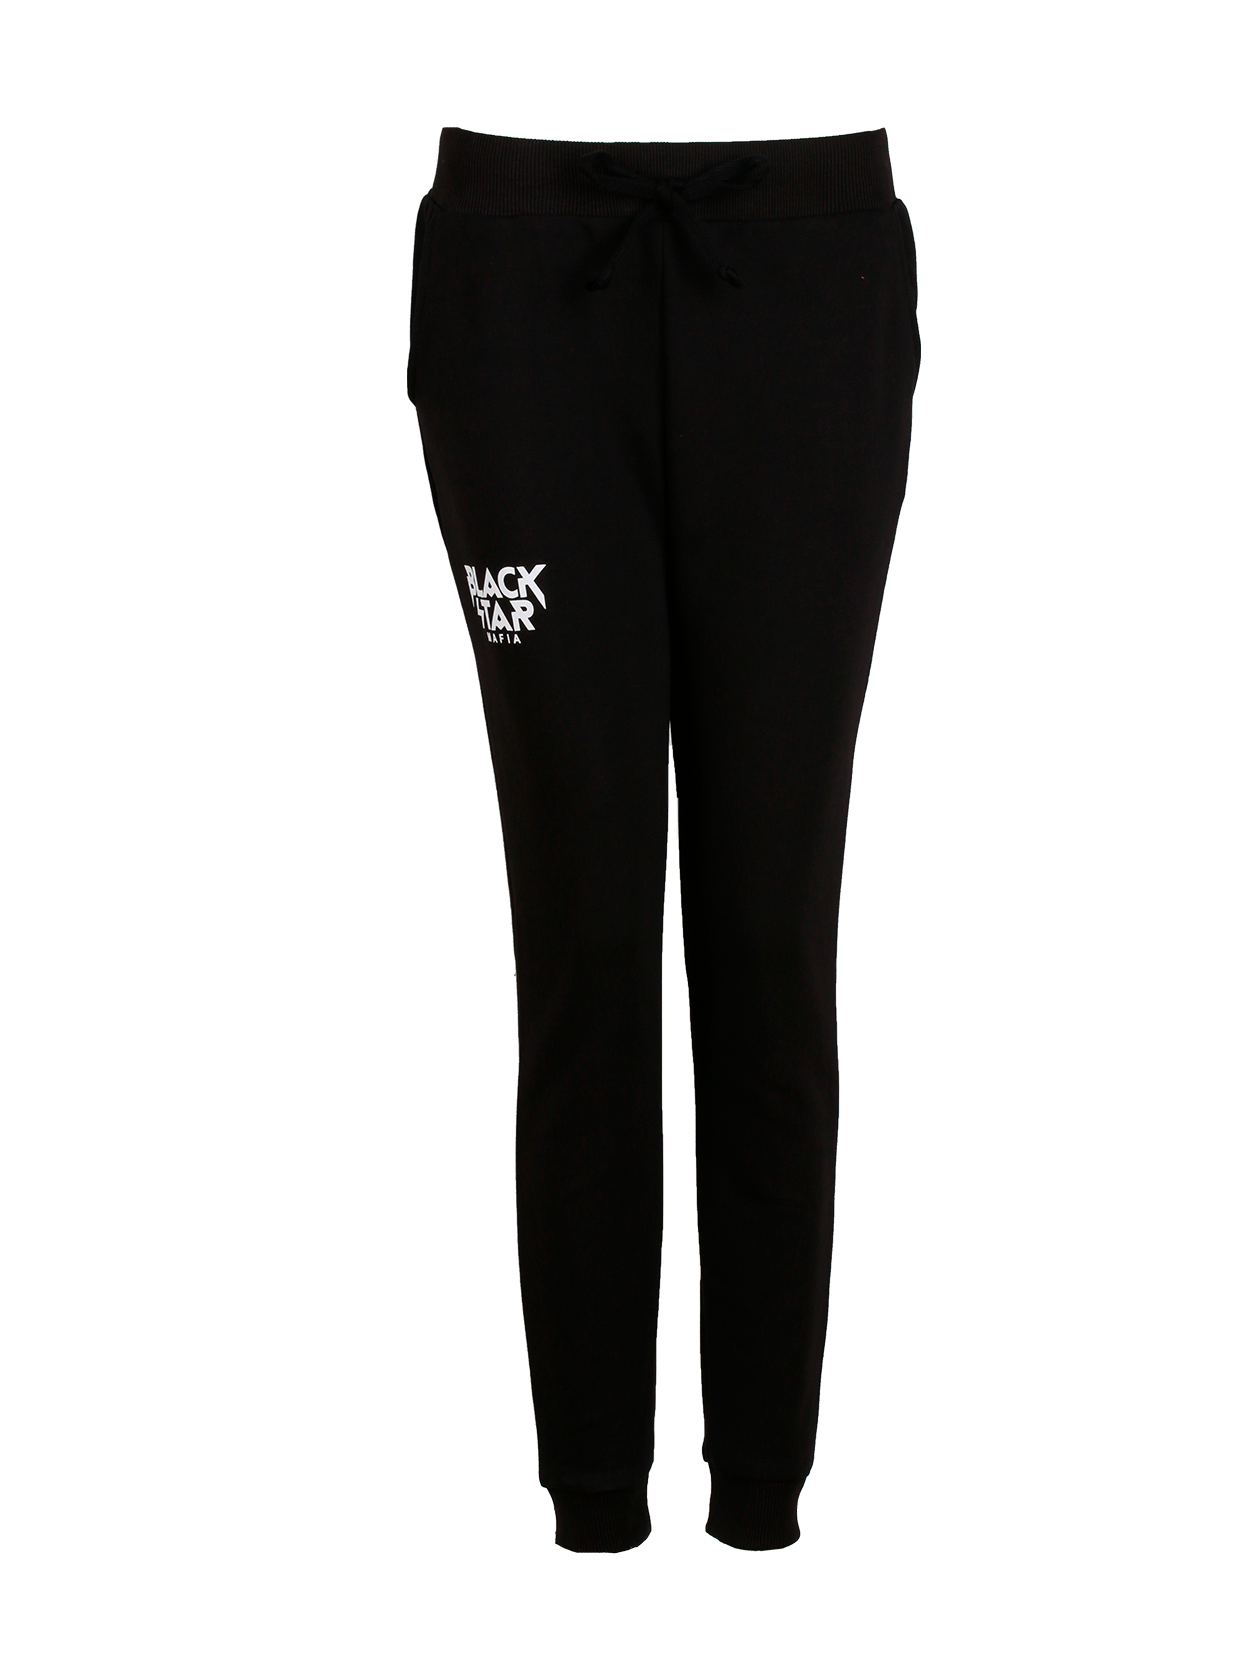 Womens sweatsuit BLACK STAR MAFIA 2.0 от BlackStarWear INT